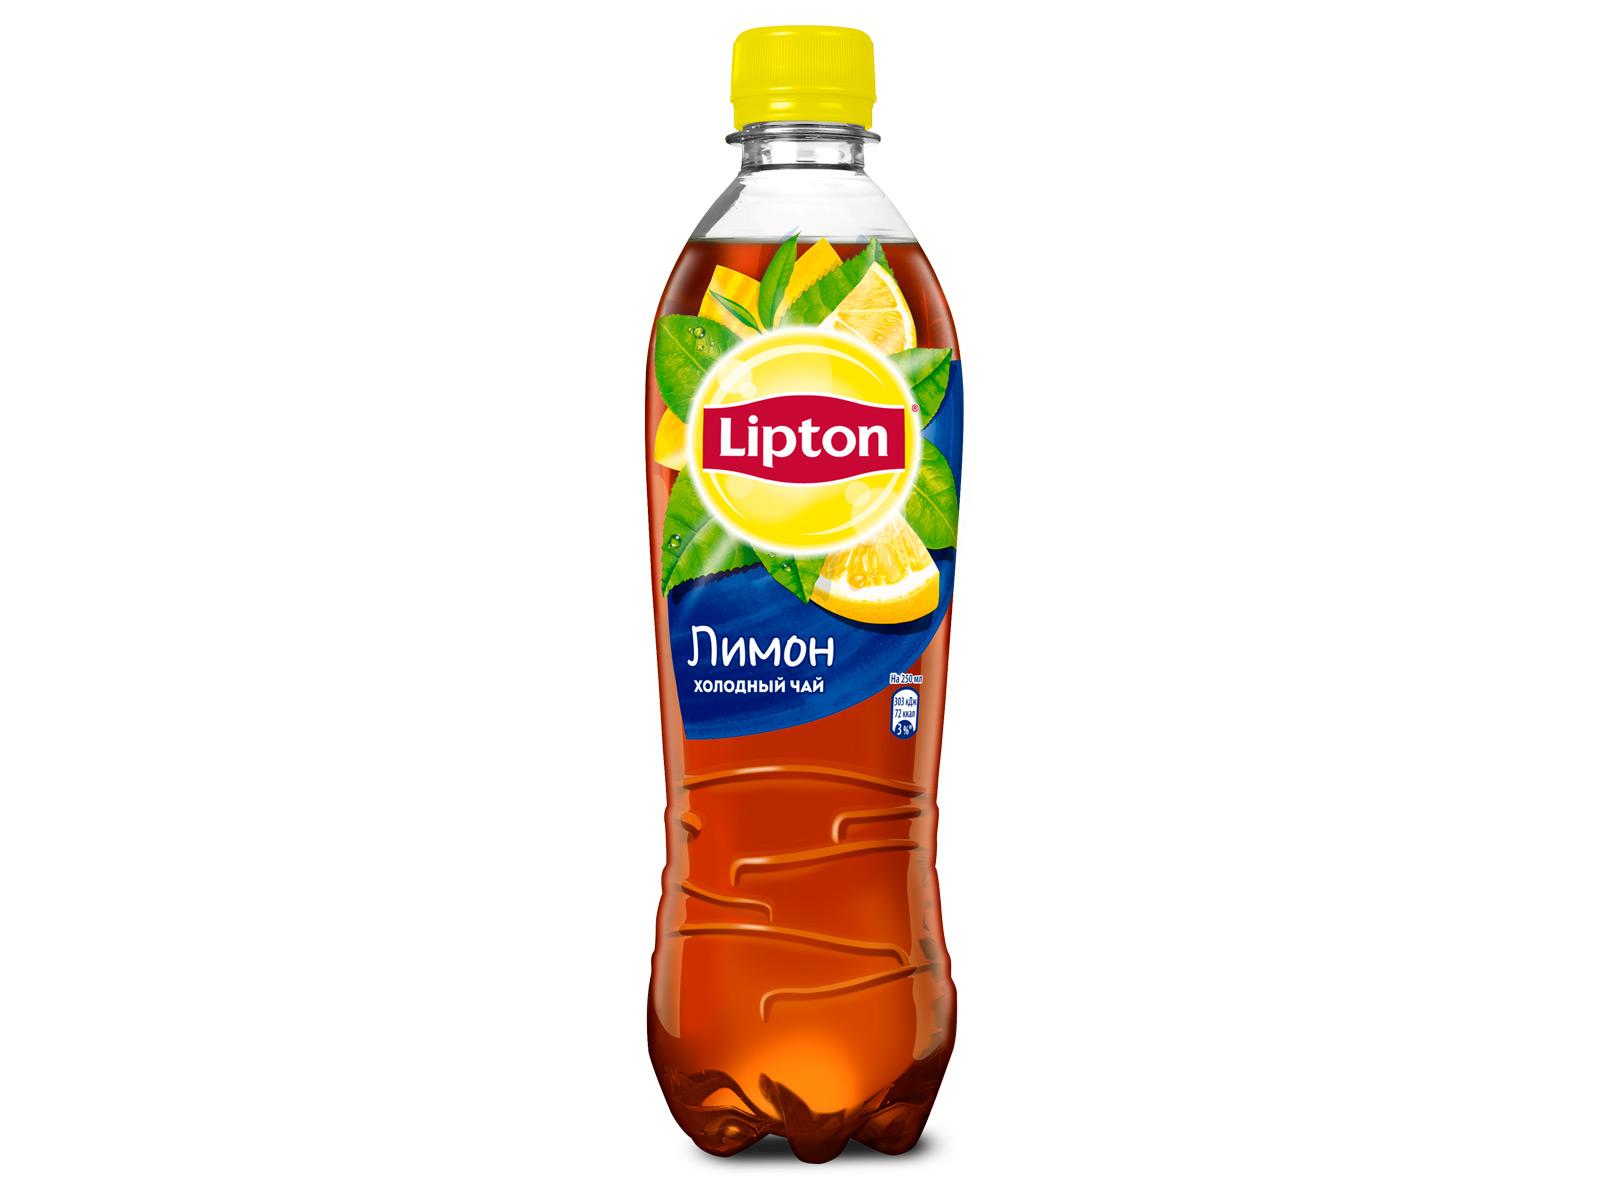 Липтон Айс Ти - Лимон